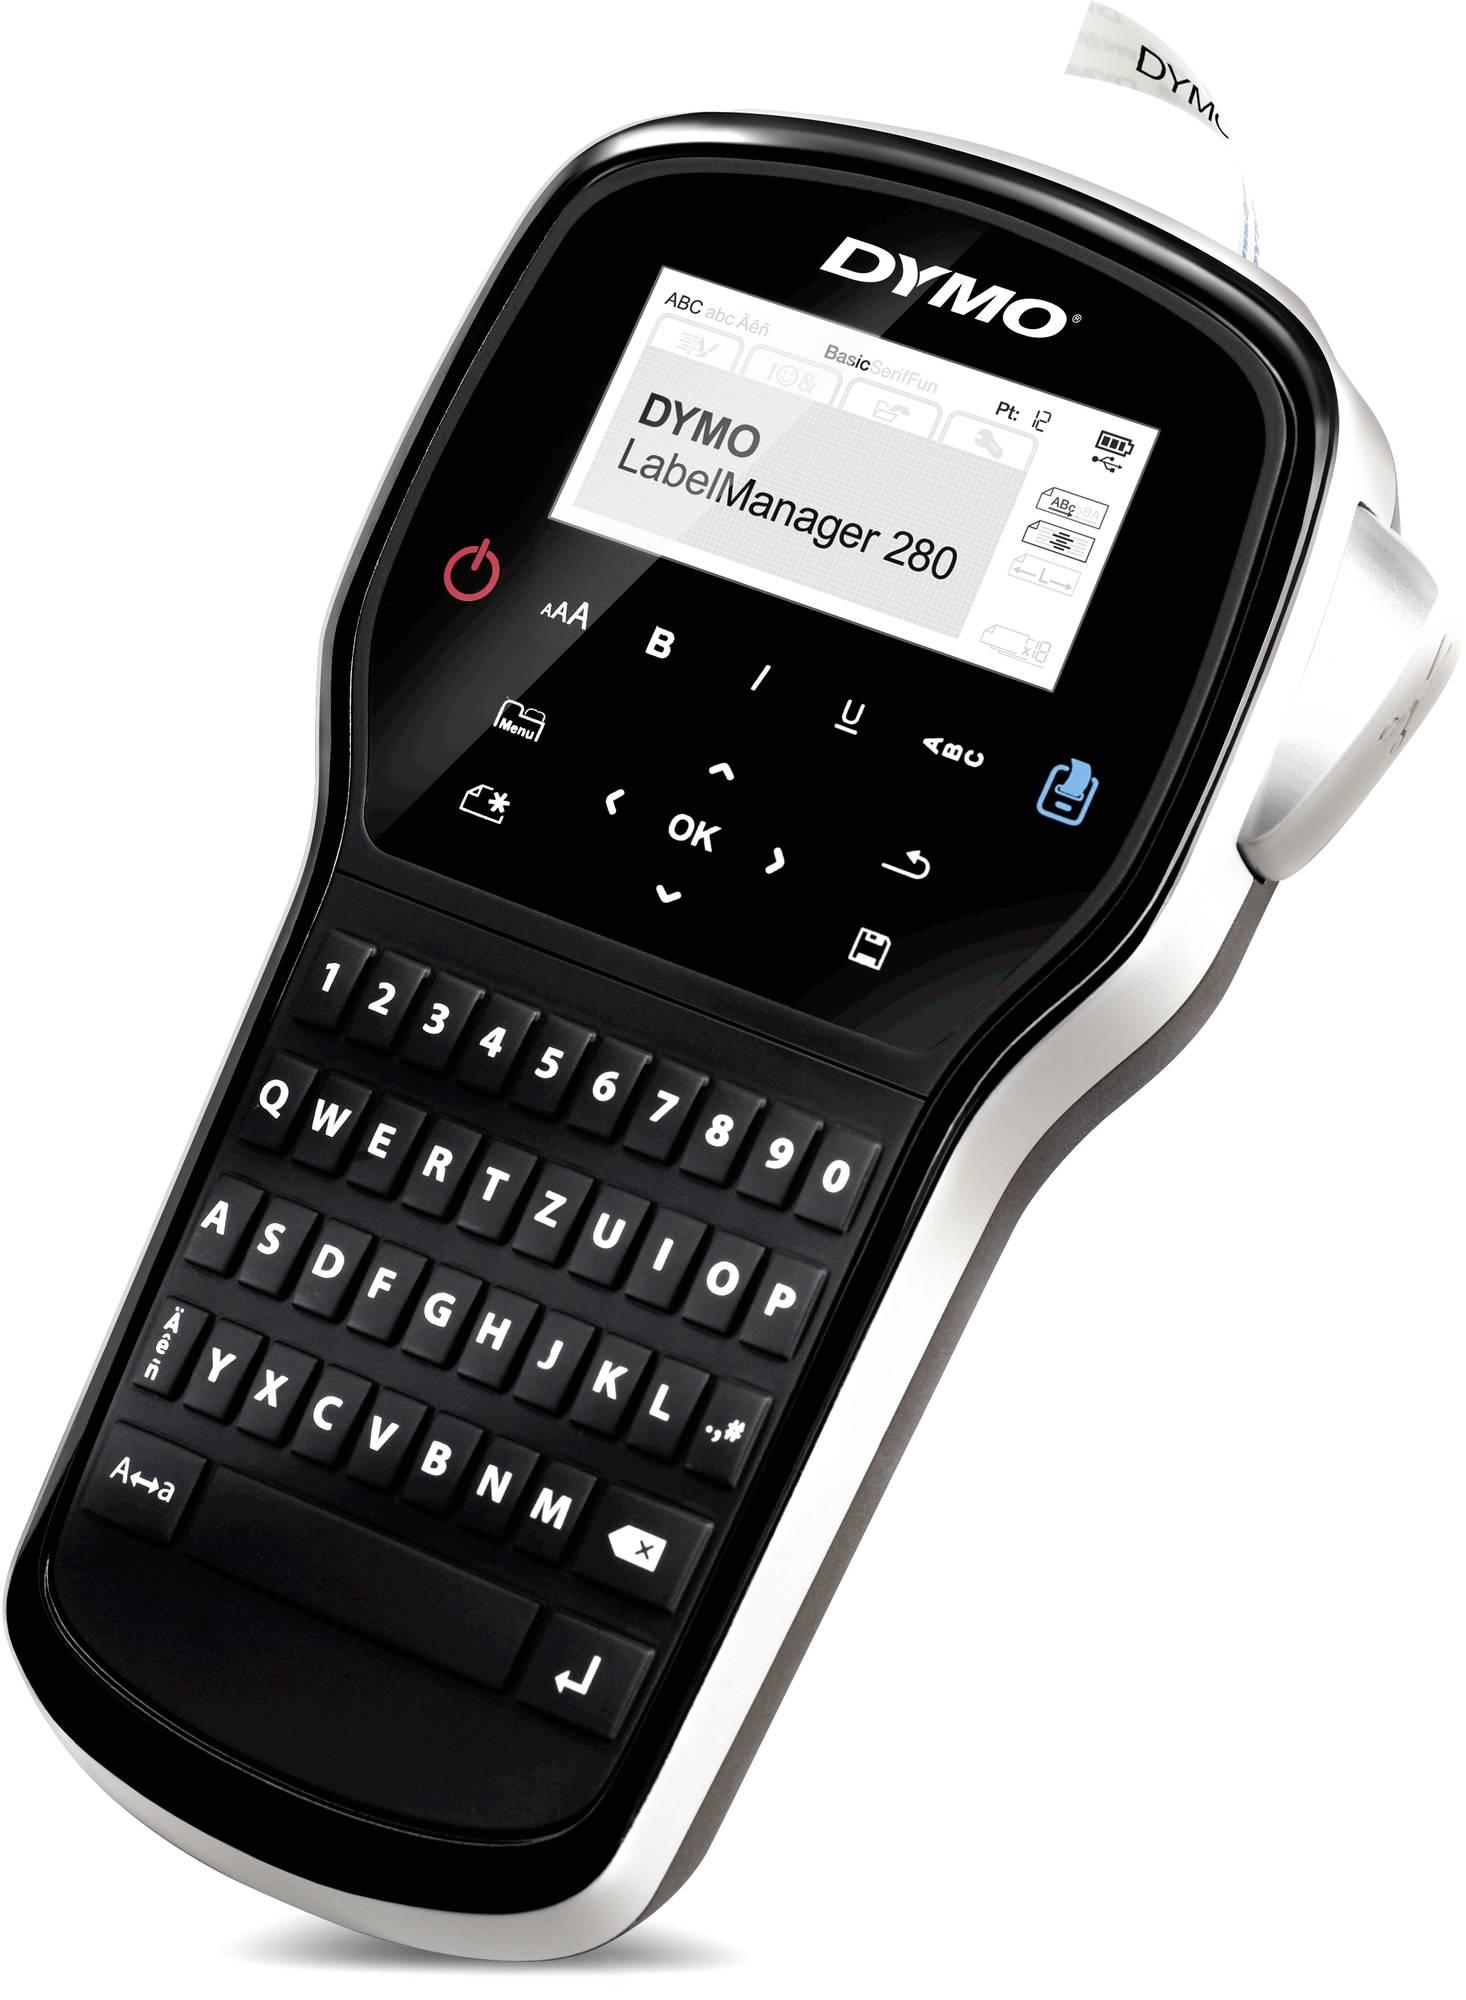 """""""Dymo Label Manager 280"""" handlicher Etikettendrucker mit computerähnlicher QWERTZ Tastatur"""